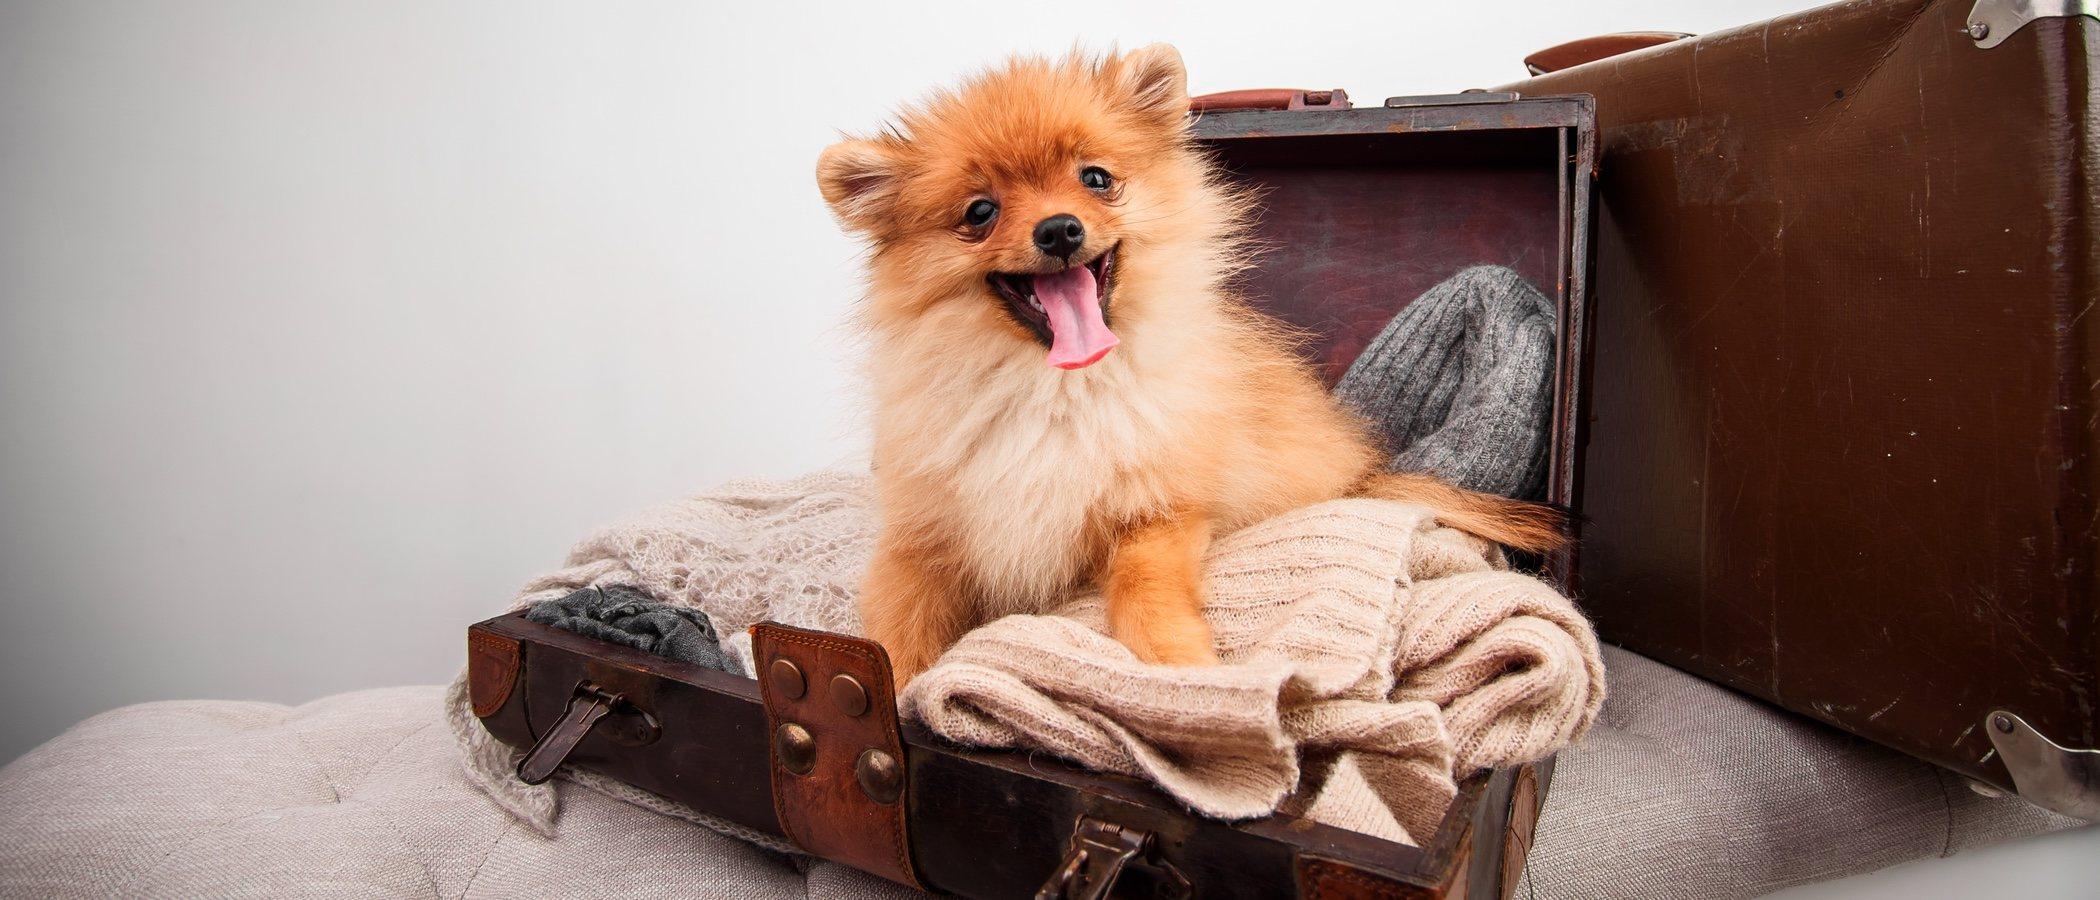 Residencias, hoteles y alojamientos para perros: todo lo que necesitas saber